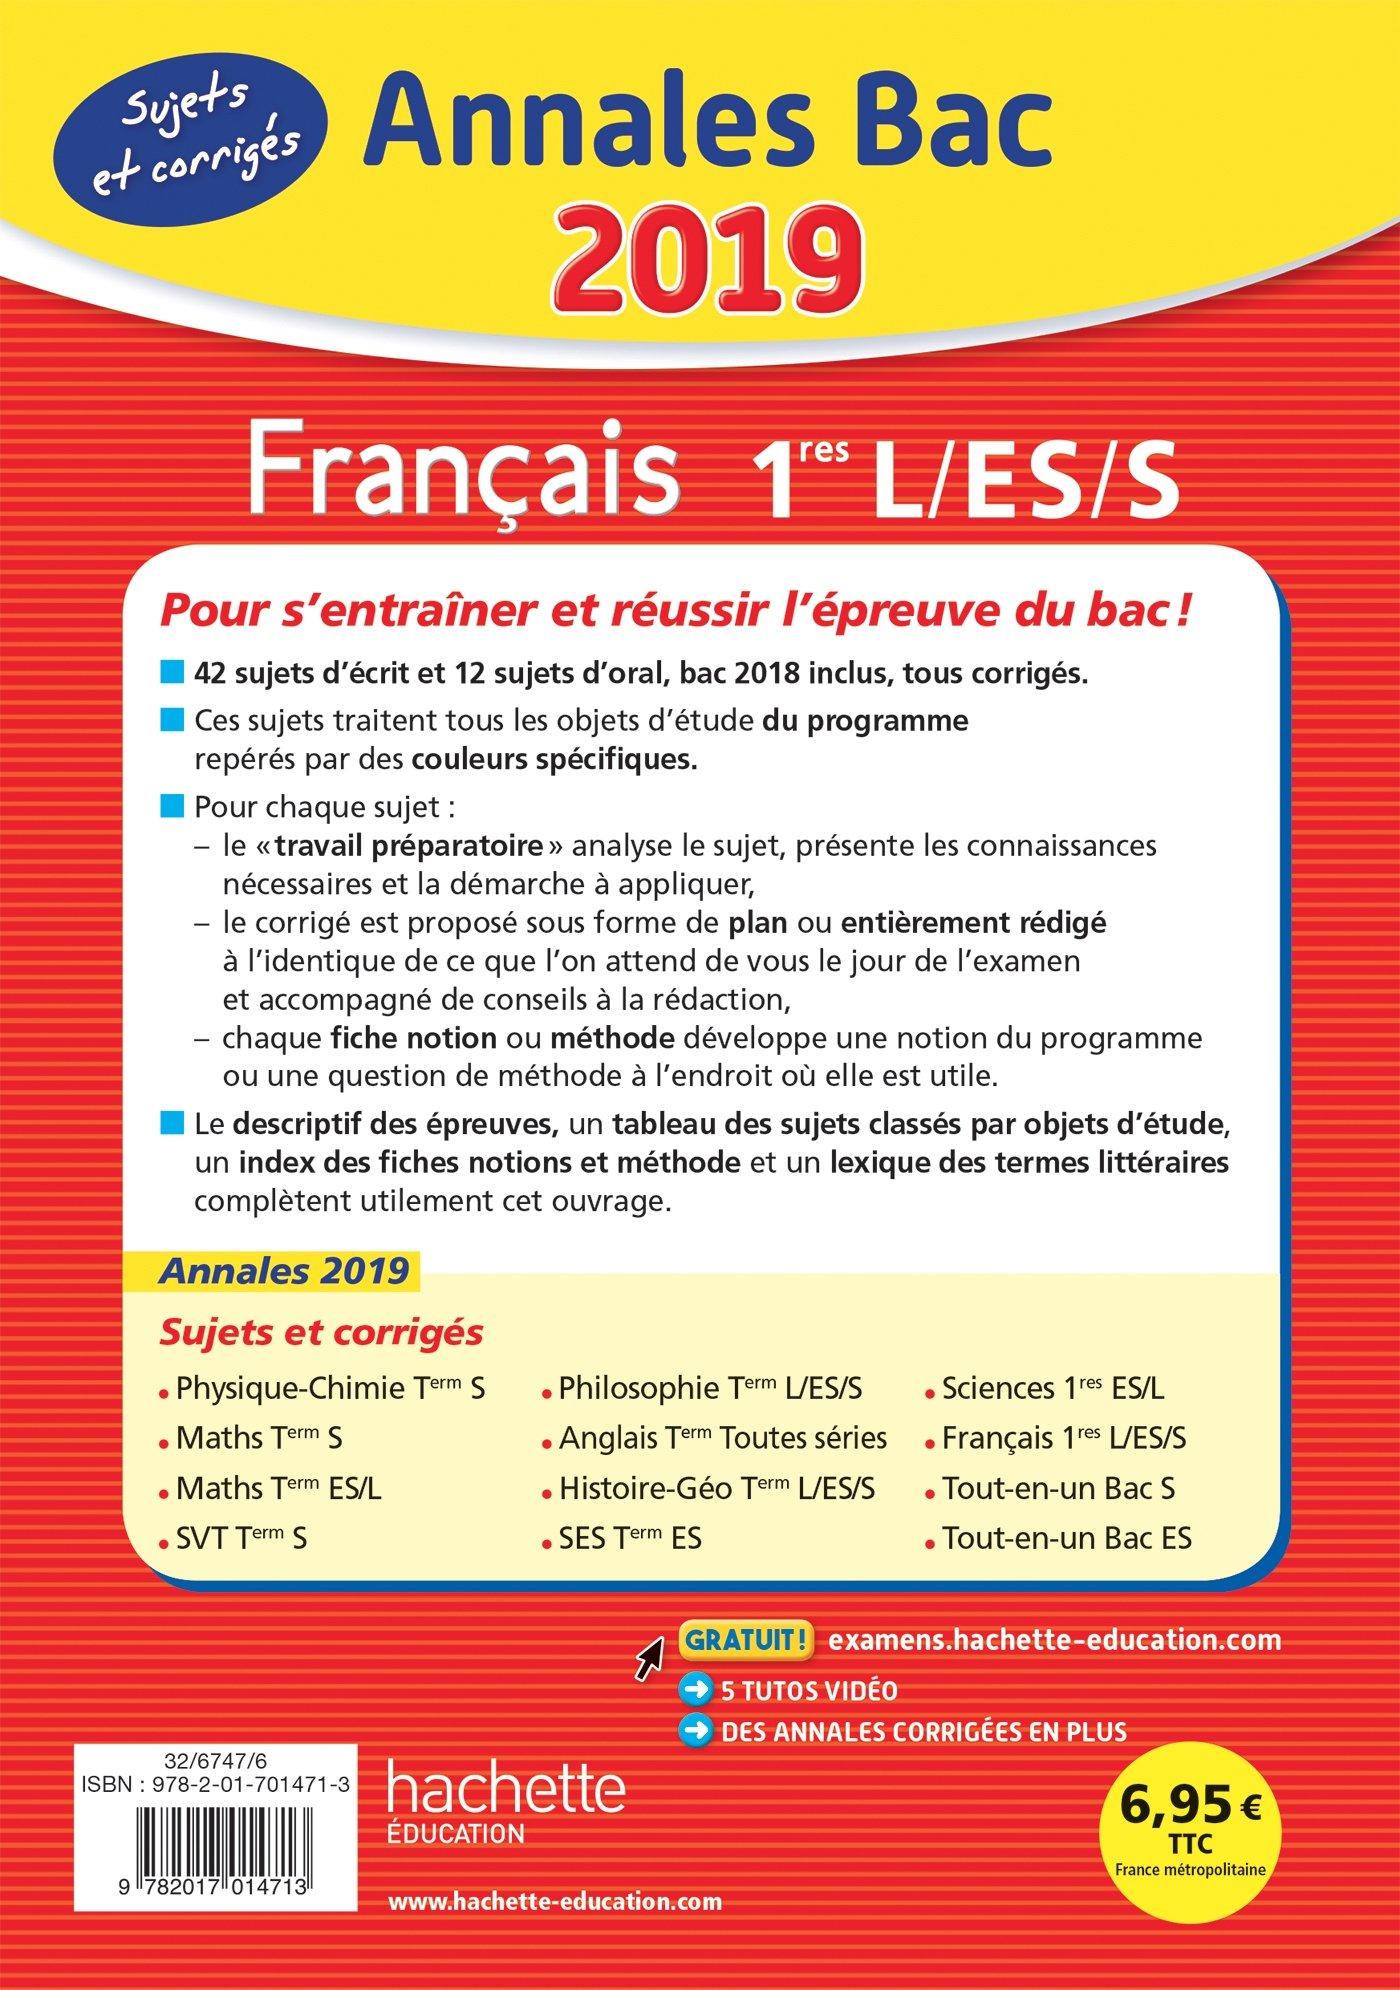 Annales Bac Français 1ères L-ES-S (Annales du Bac): Amazon.es: Isabelle de Lisle, Éric Le Grandic, Sylvie Beauthier: Libros en idiomas extranjeros